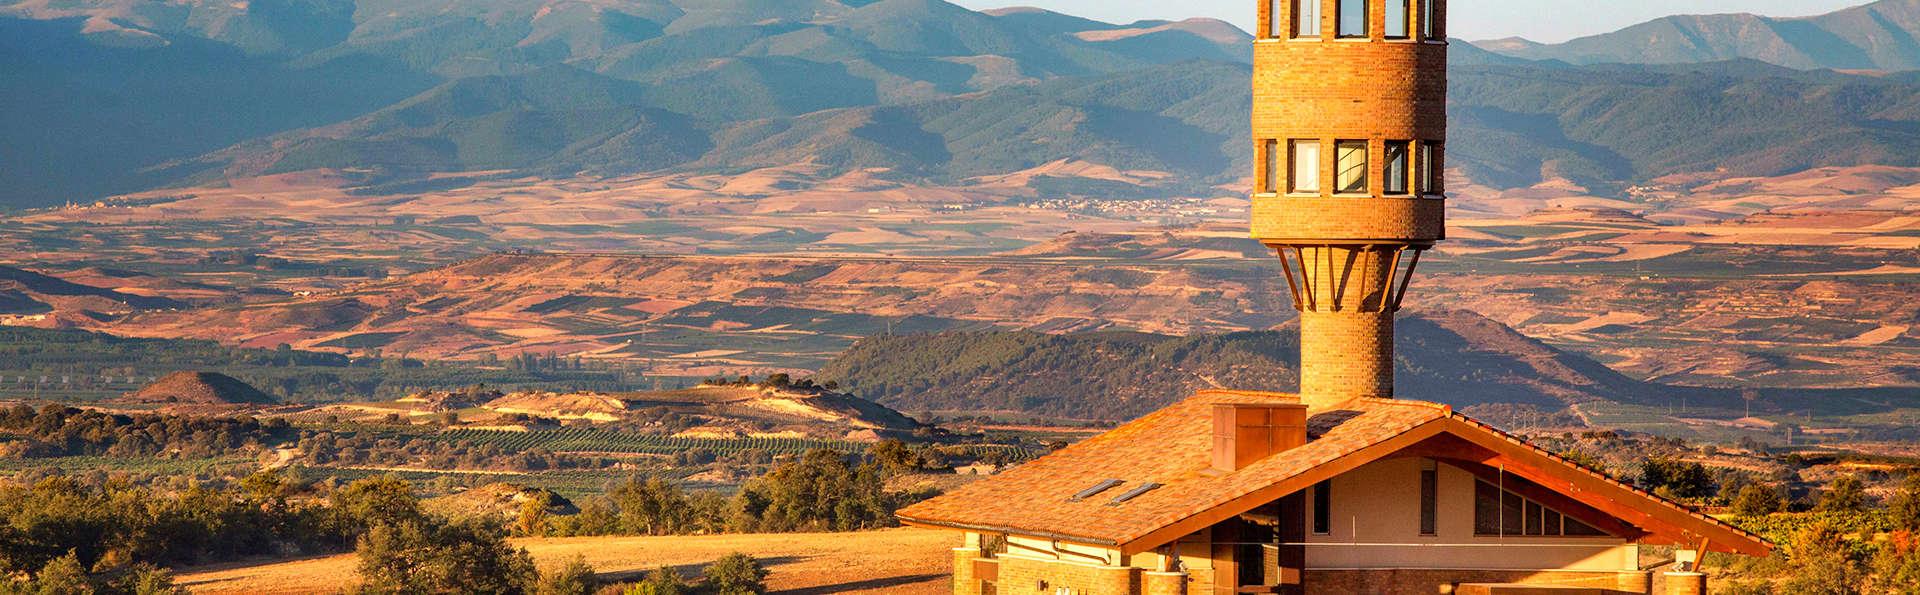 Week-end oenotouristique dans la Rioja d'Alava